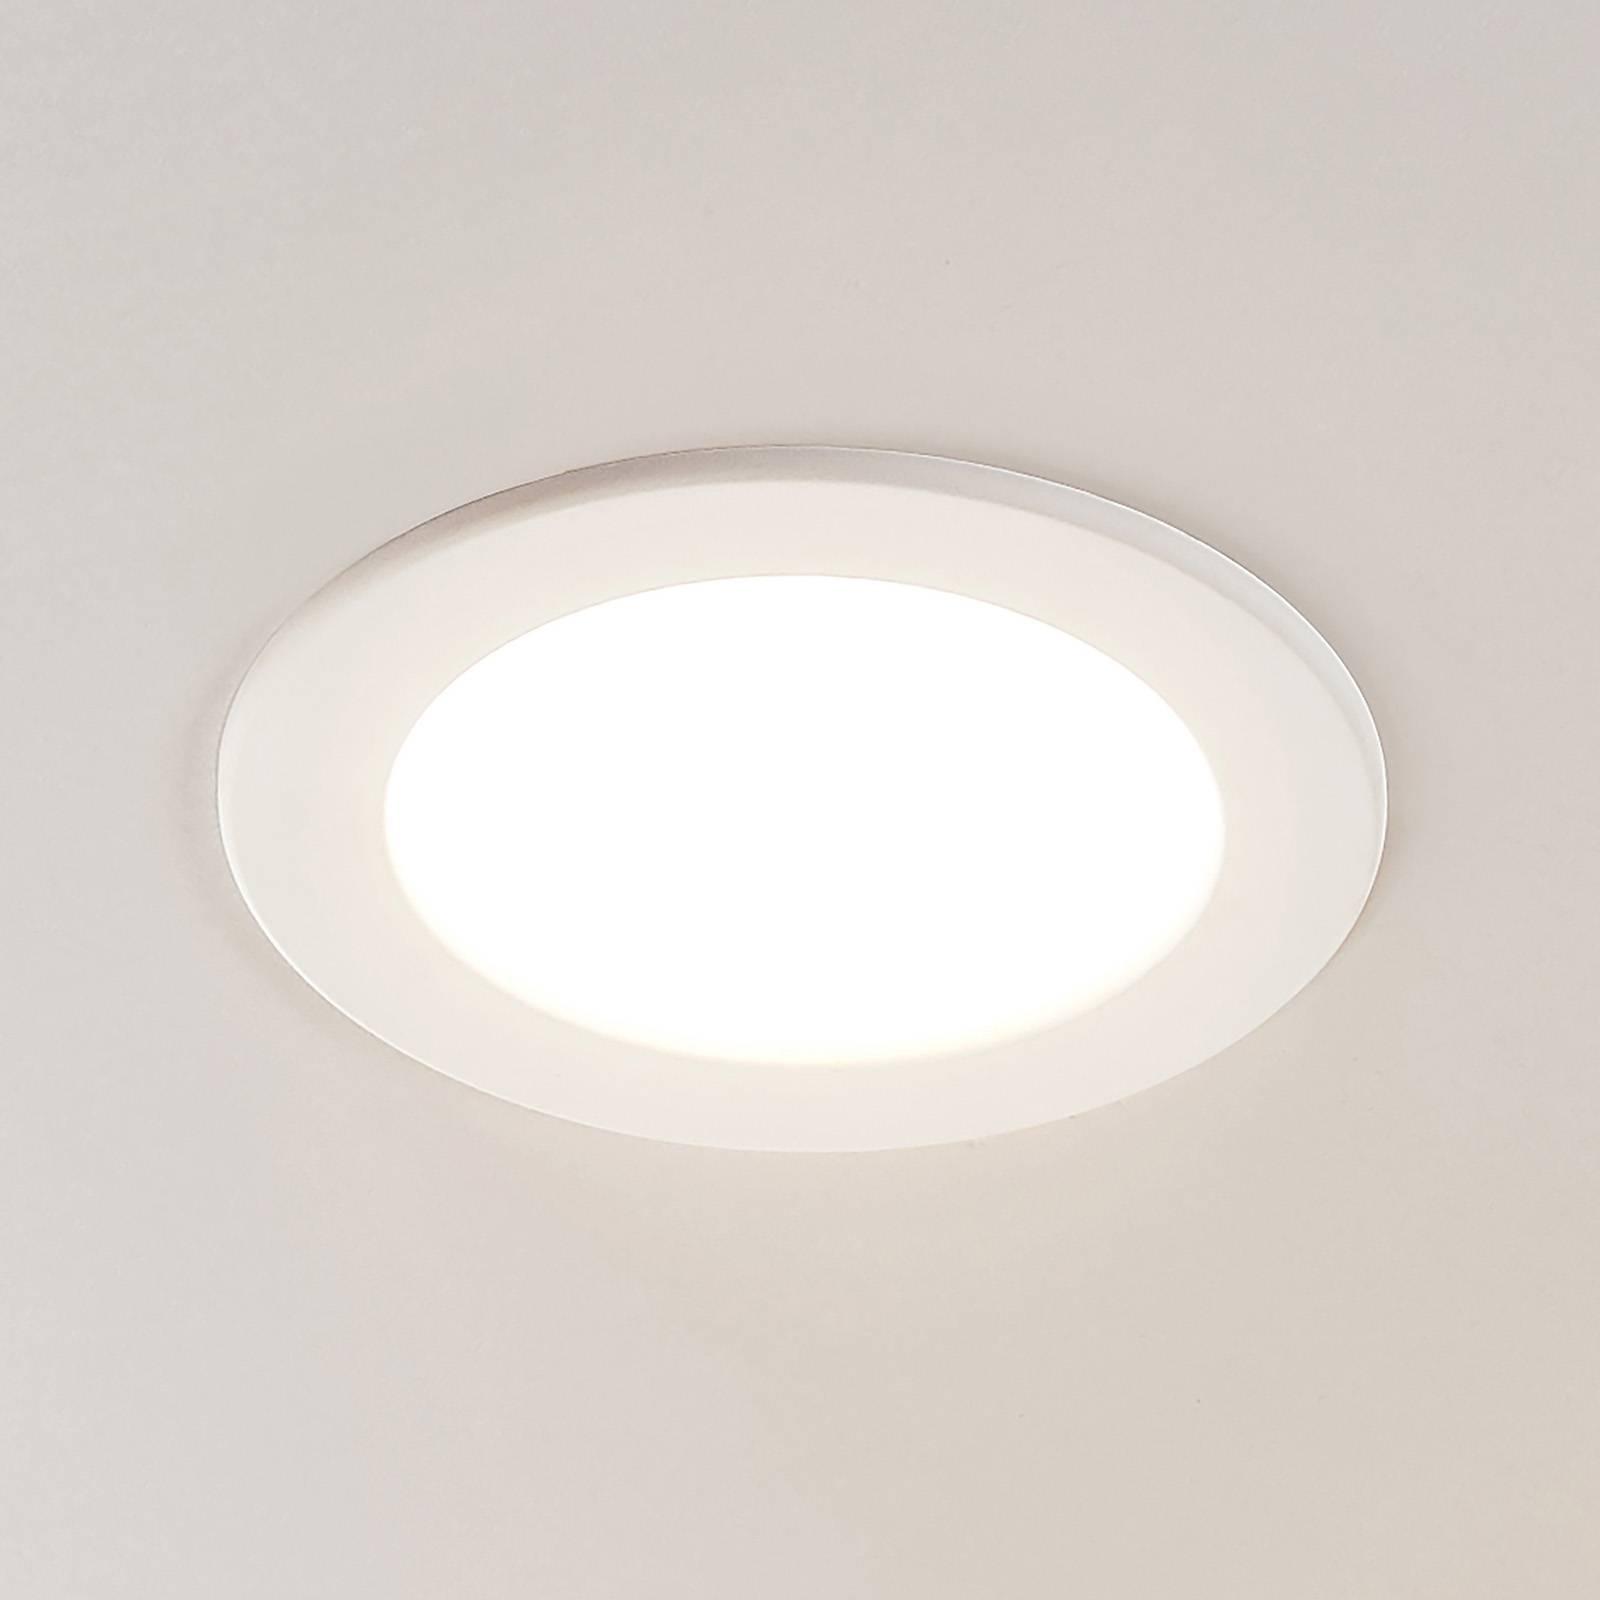 LED-kohdevalo Joki valkoinen 3000K pyöreä 17cm